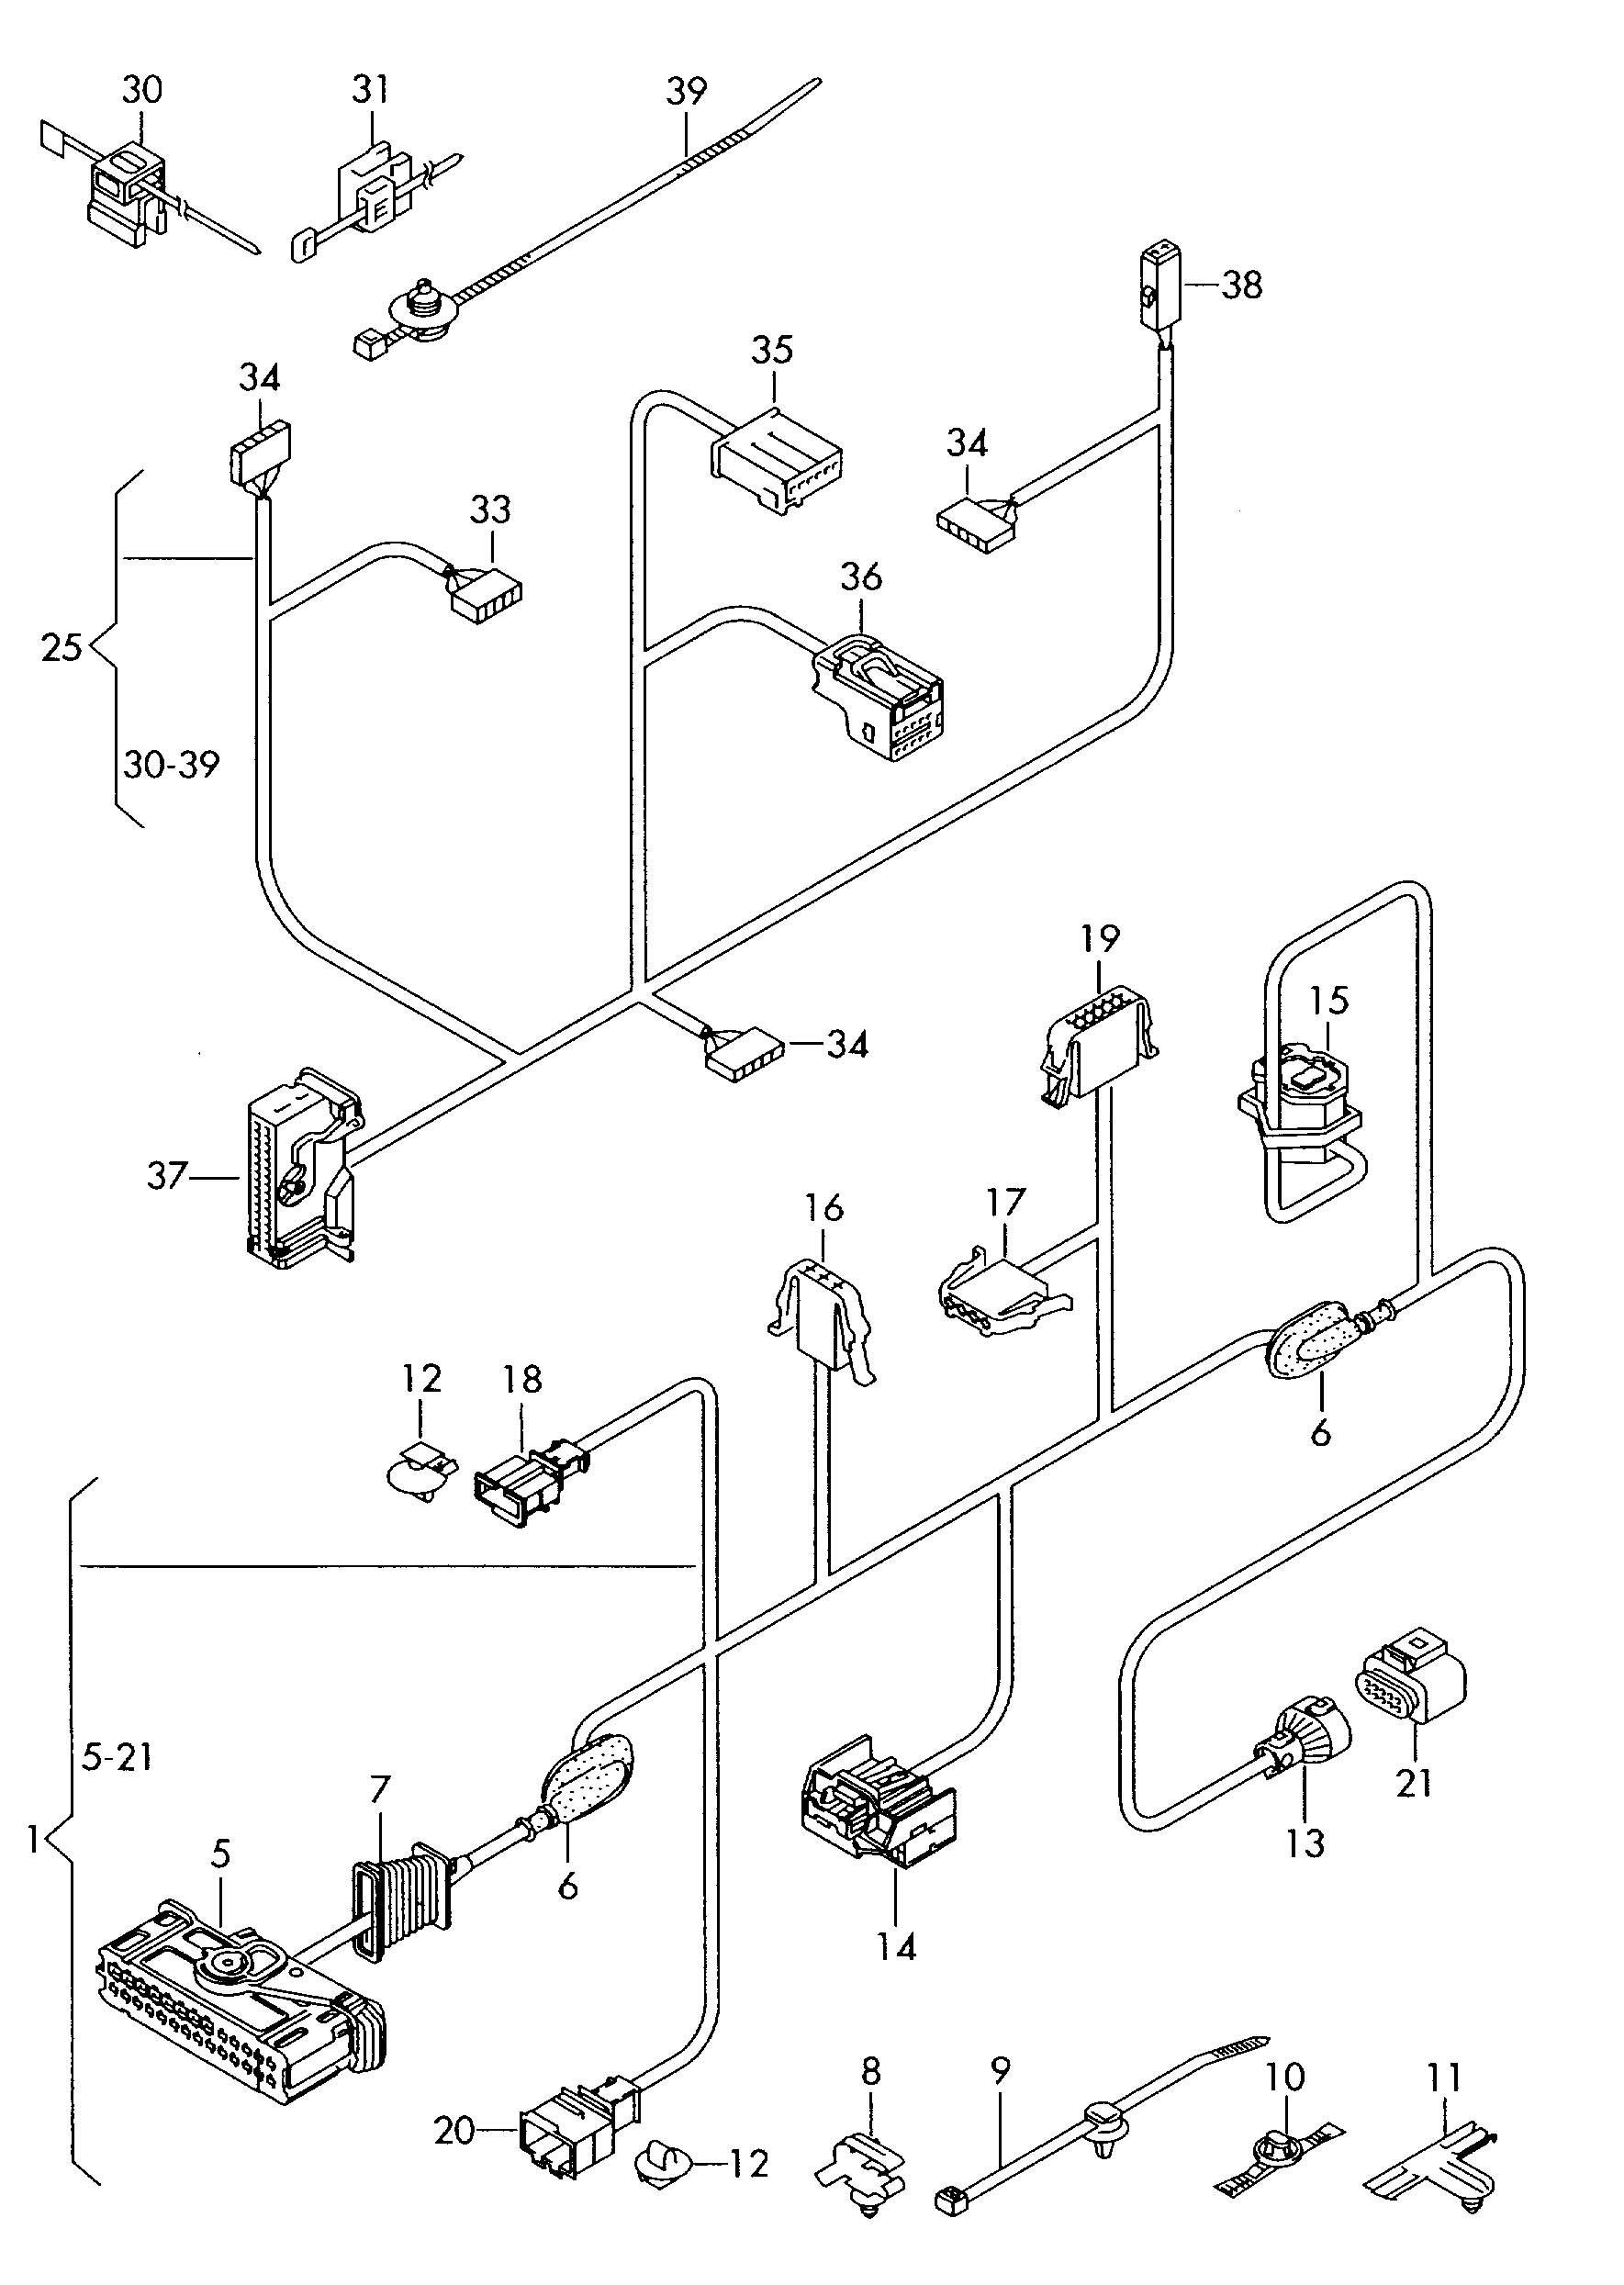 28 2006 Vw Jetta Door Wiring Harness Diagram